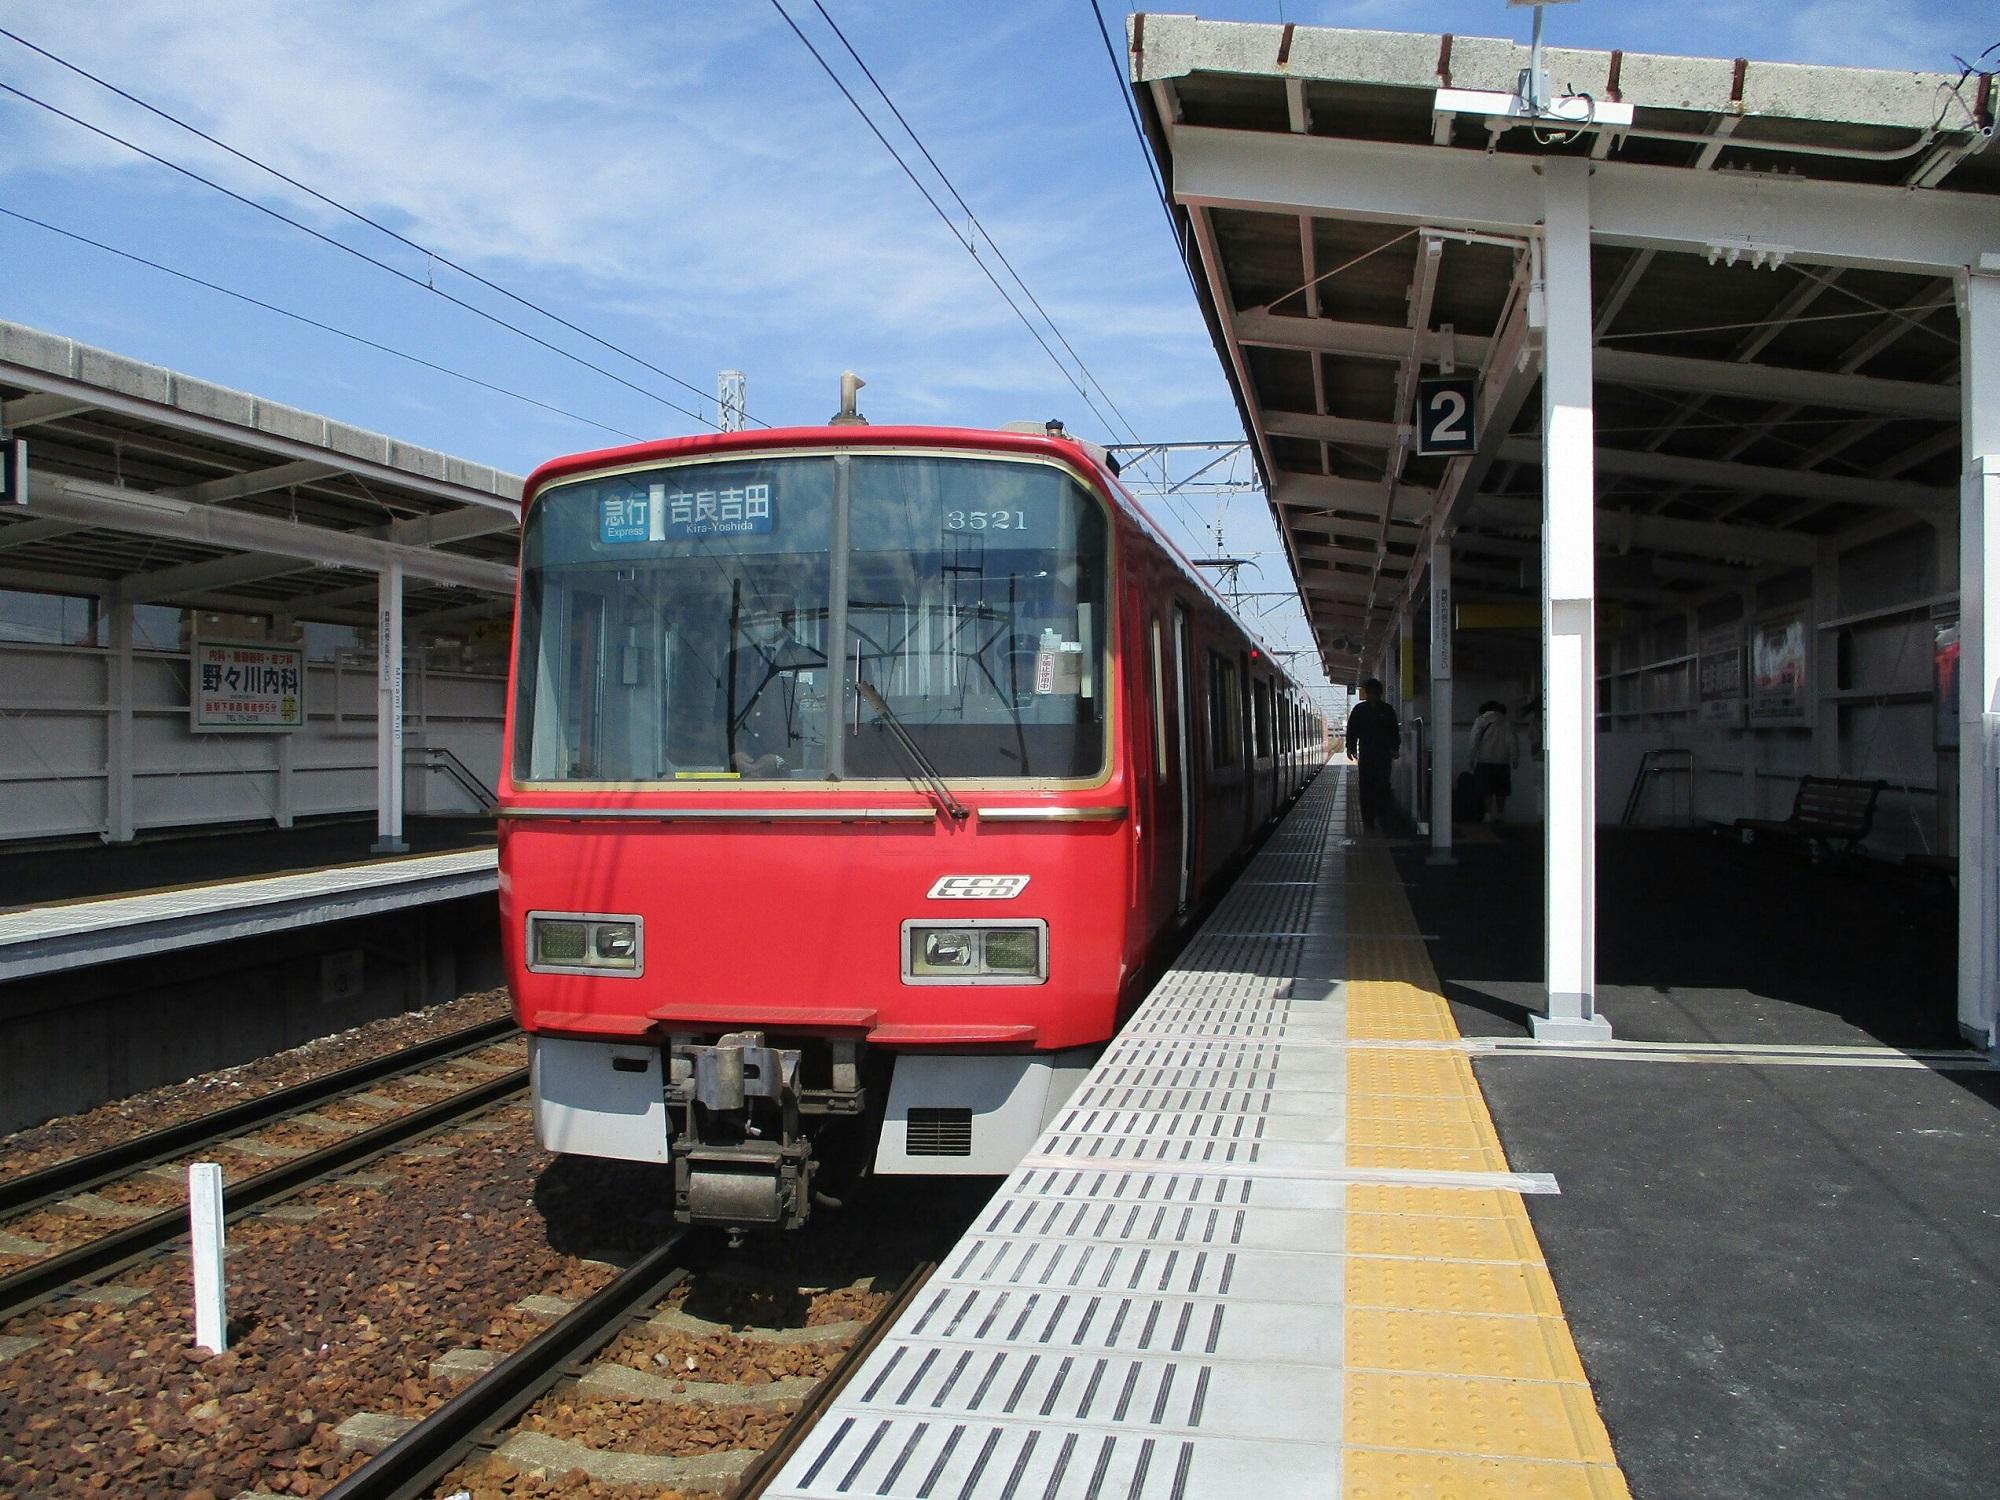 2019.3.26 (4) みなみあんじょう - 吉良吉田いき急行 2000-1500